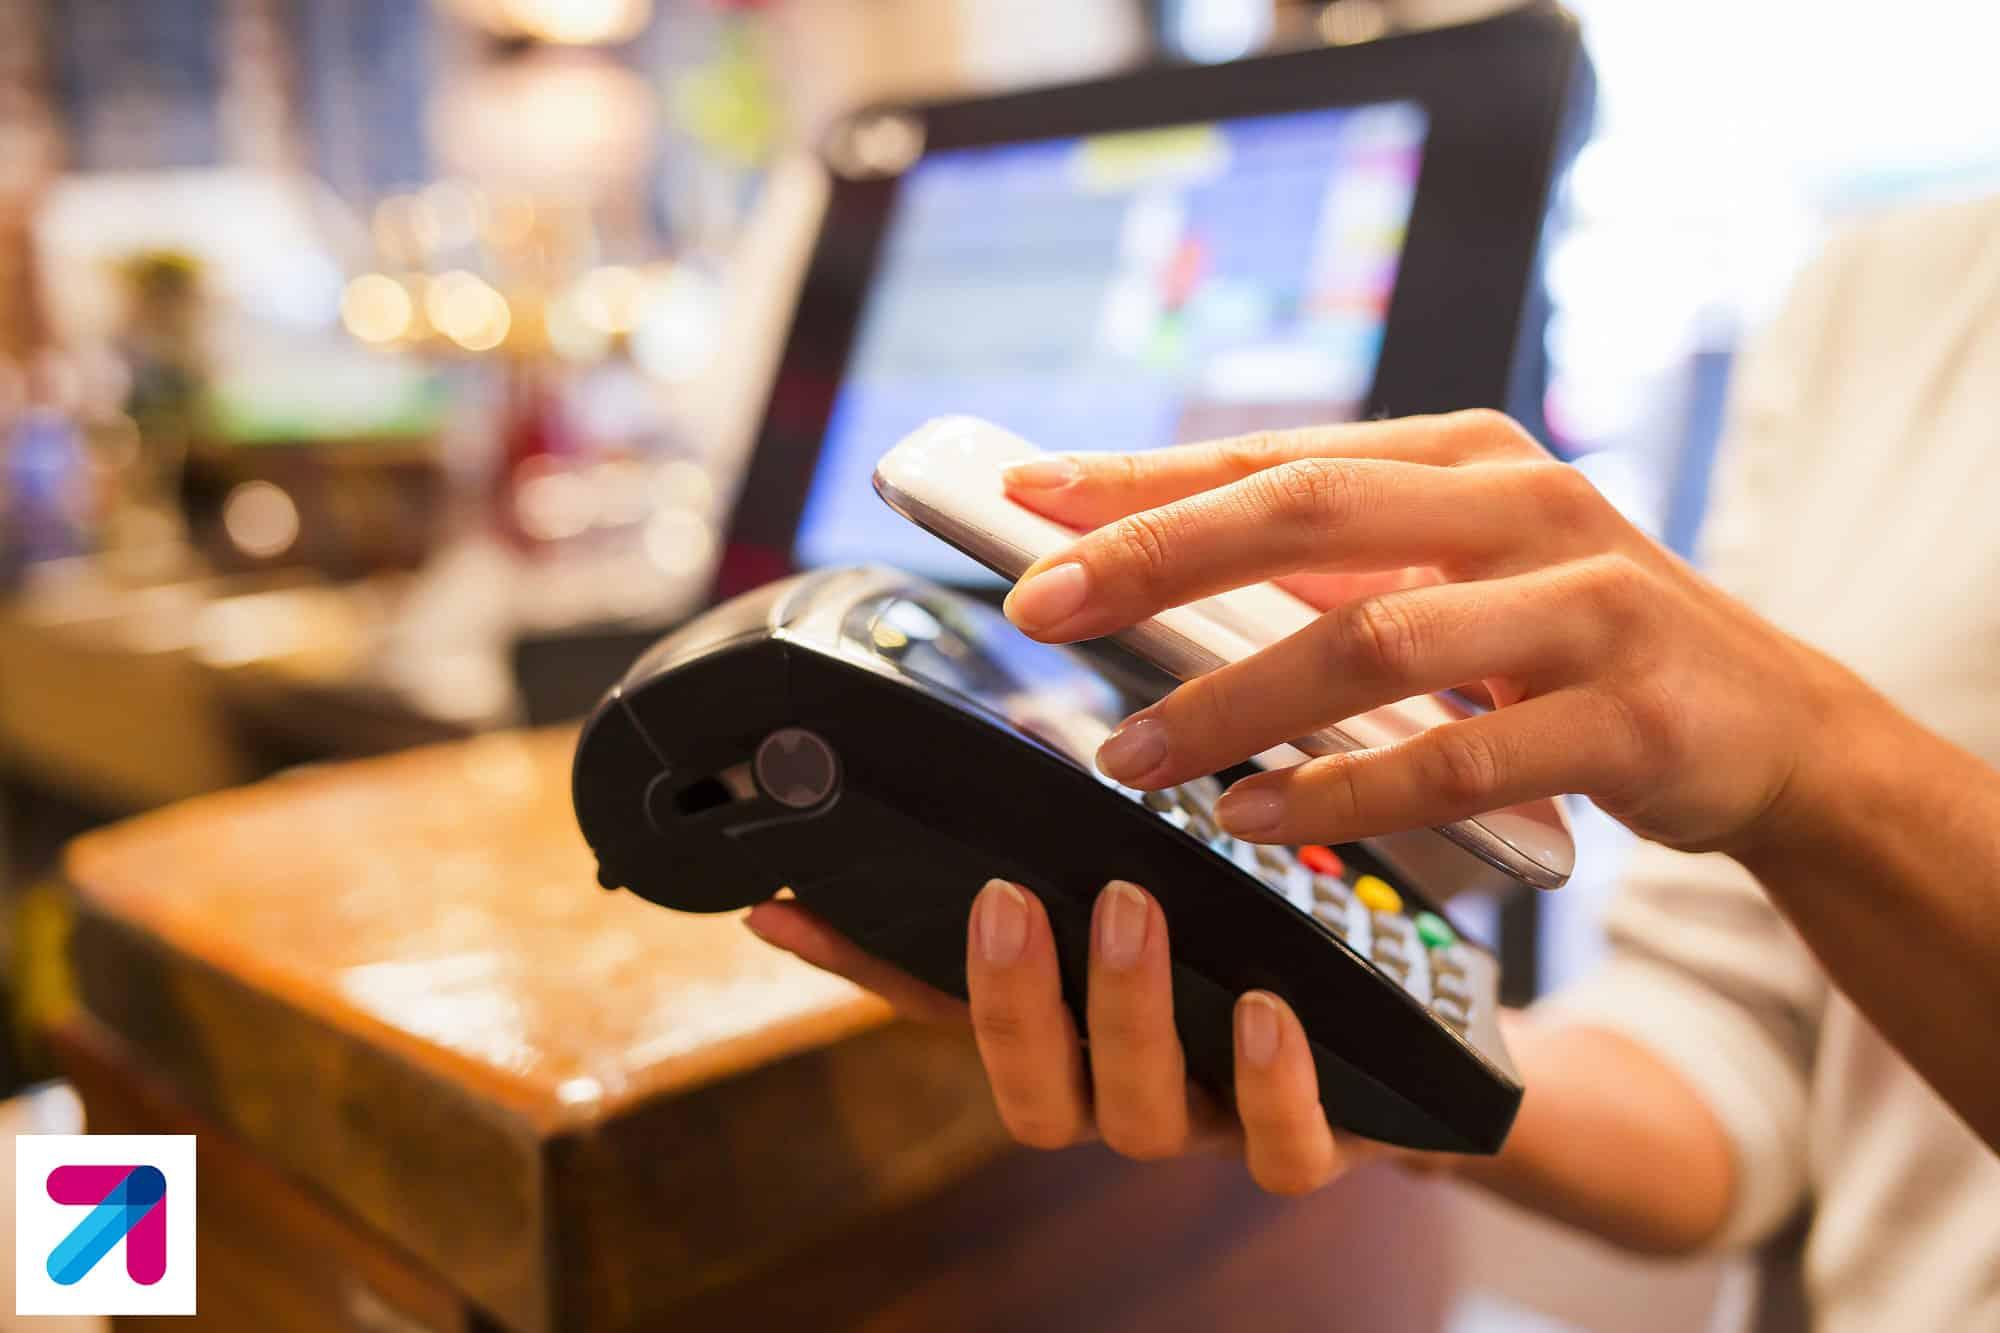 paiement mobile Boursorama Banque